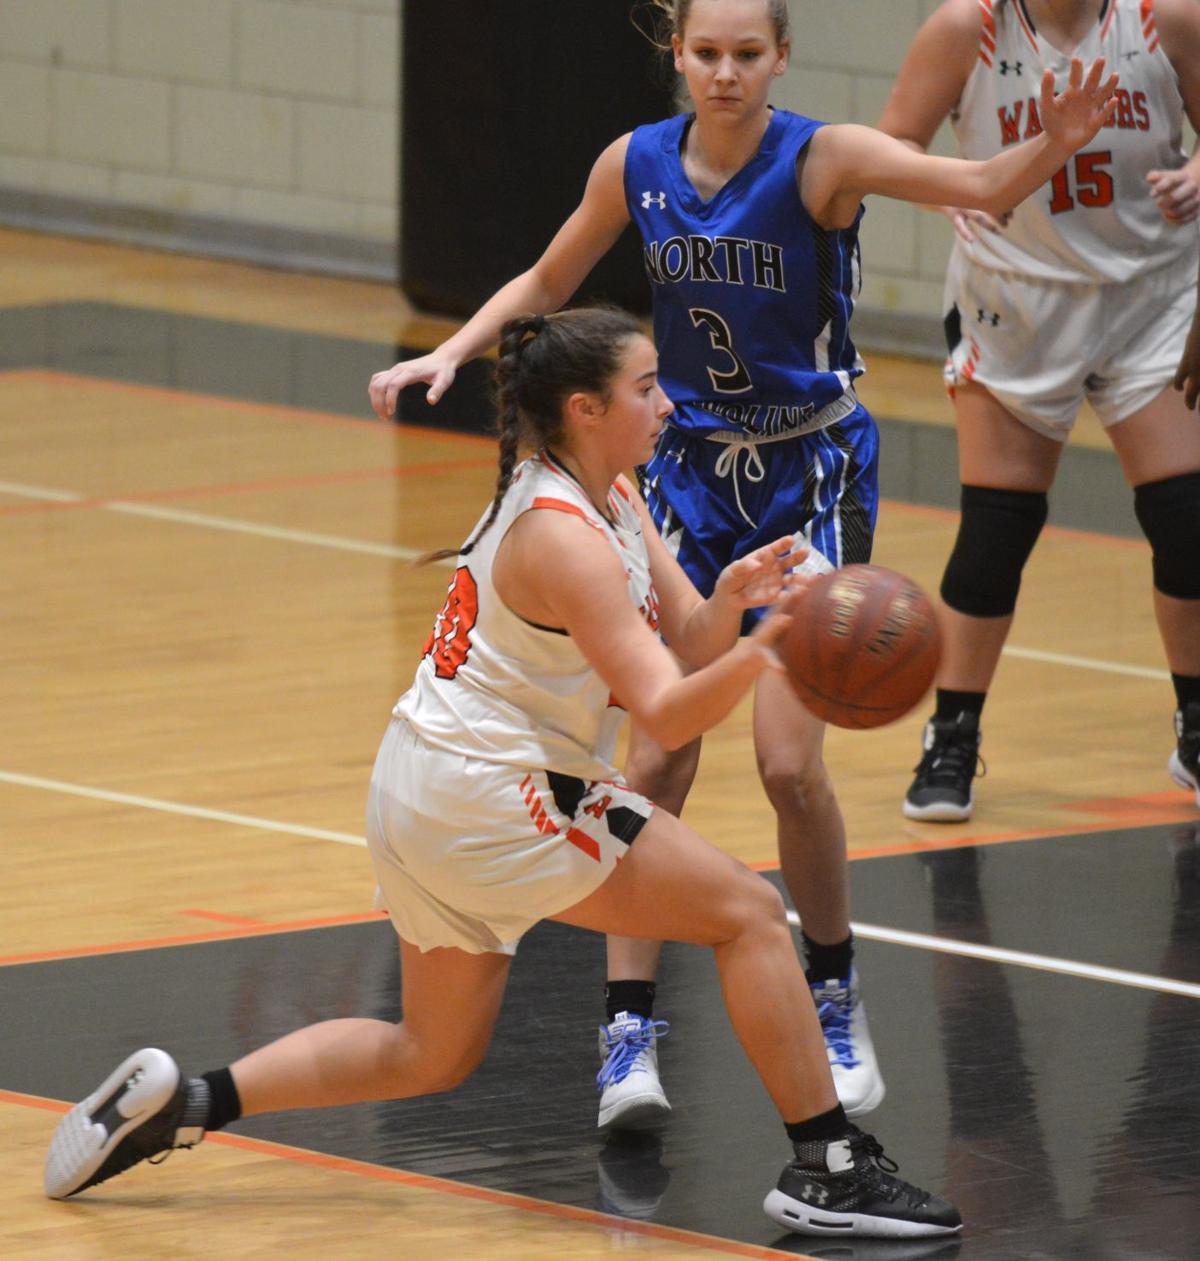 Warriors Bulldogs girls hoops